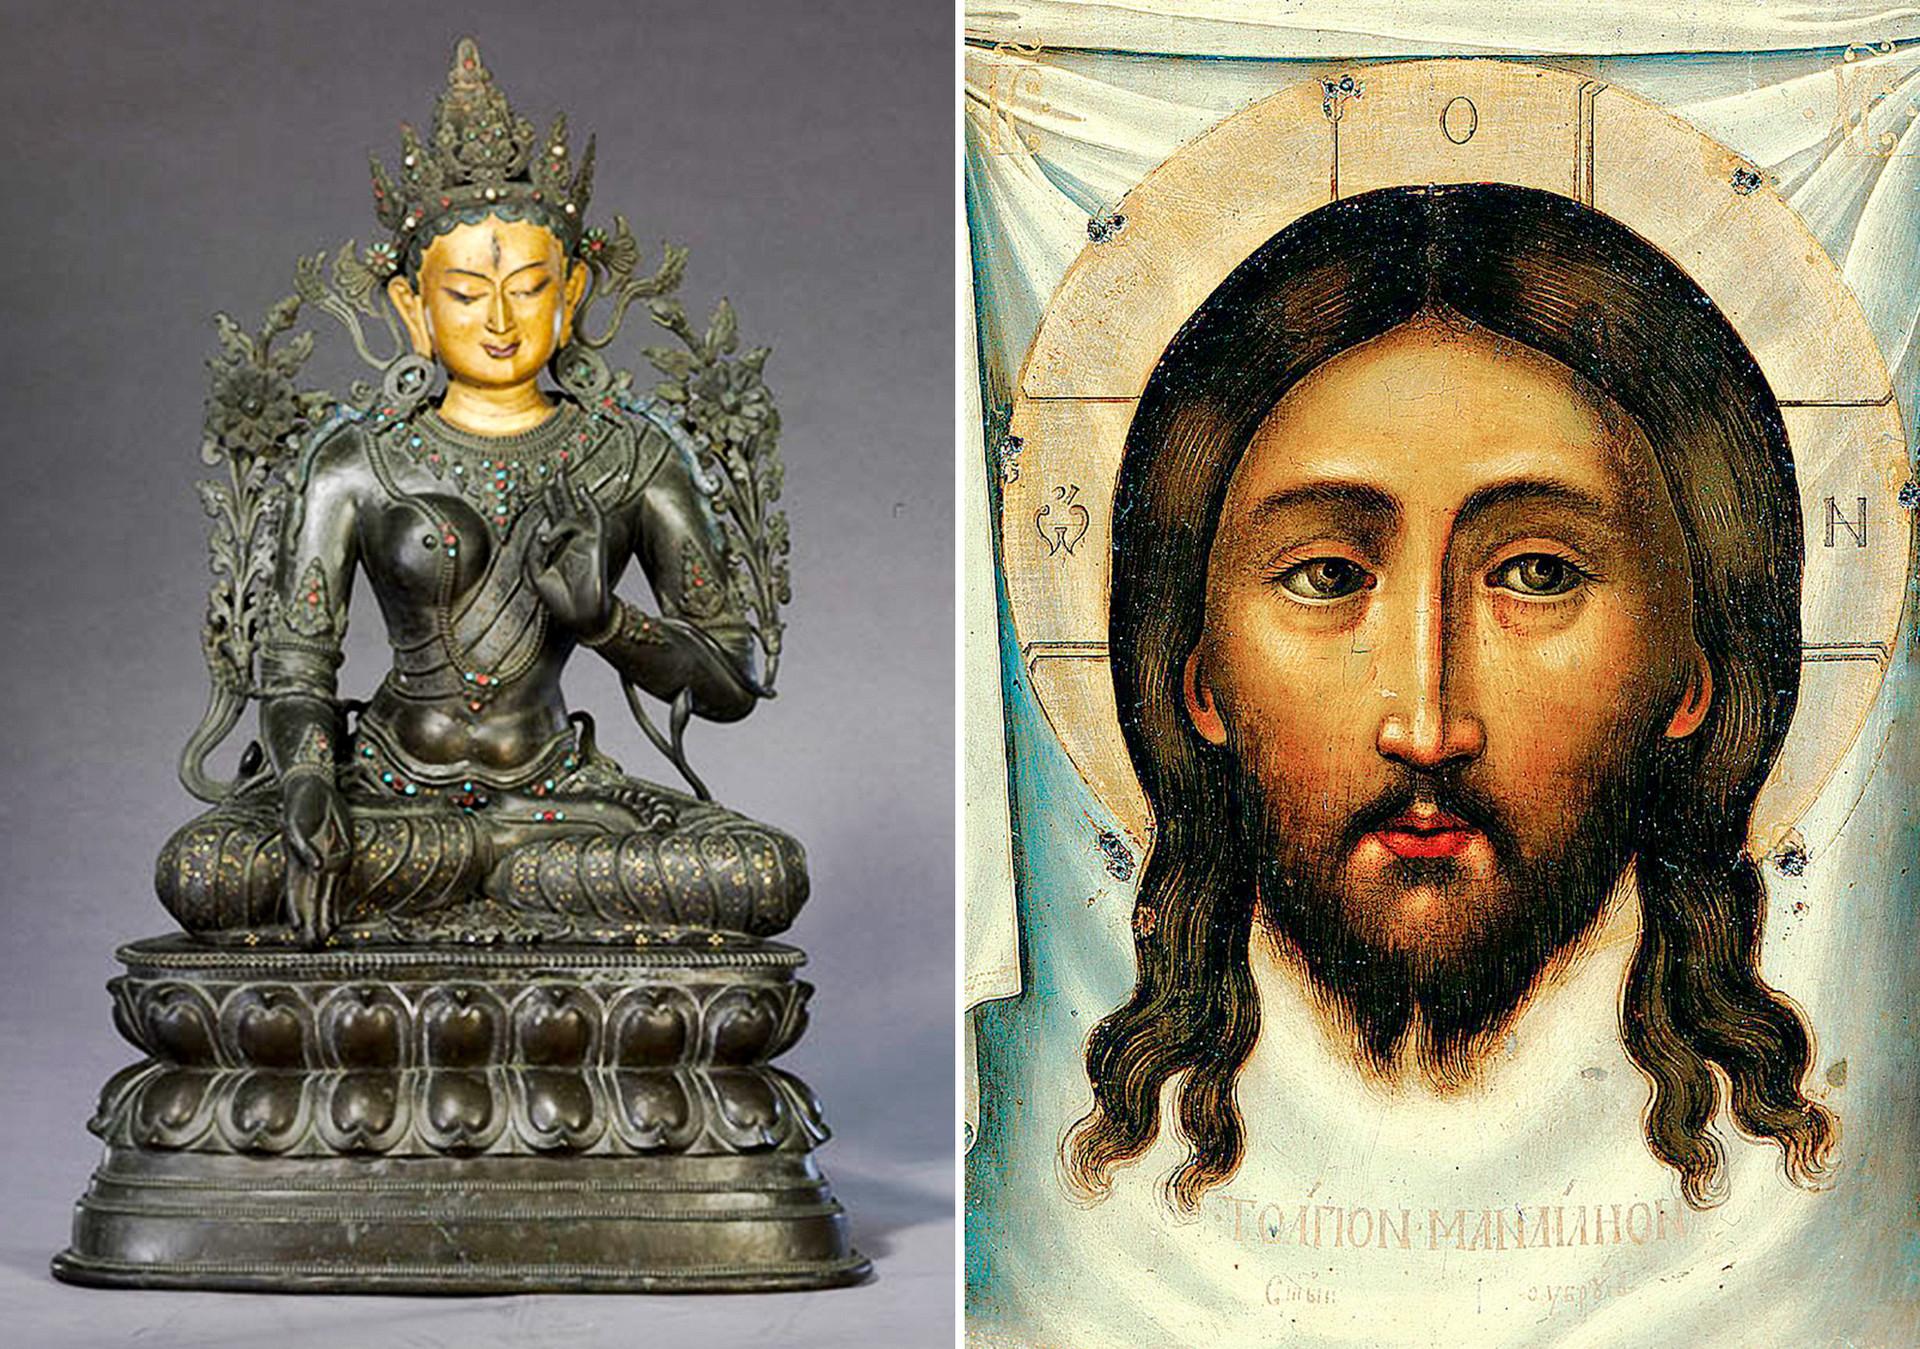 左:多羅菩薩の像、乾隆帝の統治期。右:ロシアのキリストのイコン、1677。